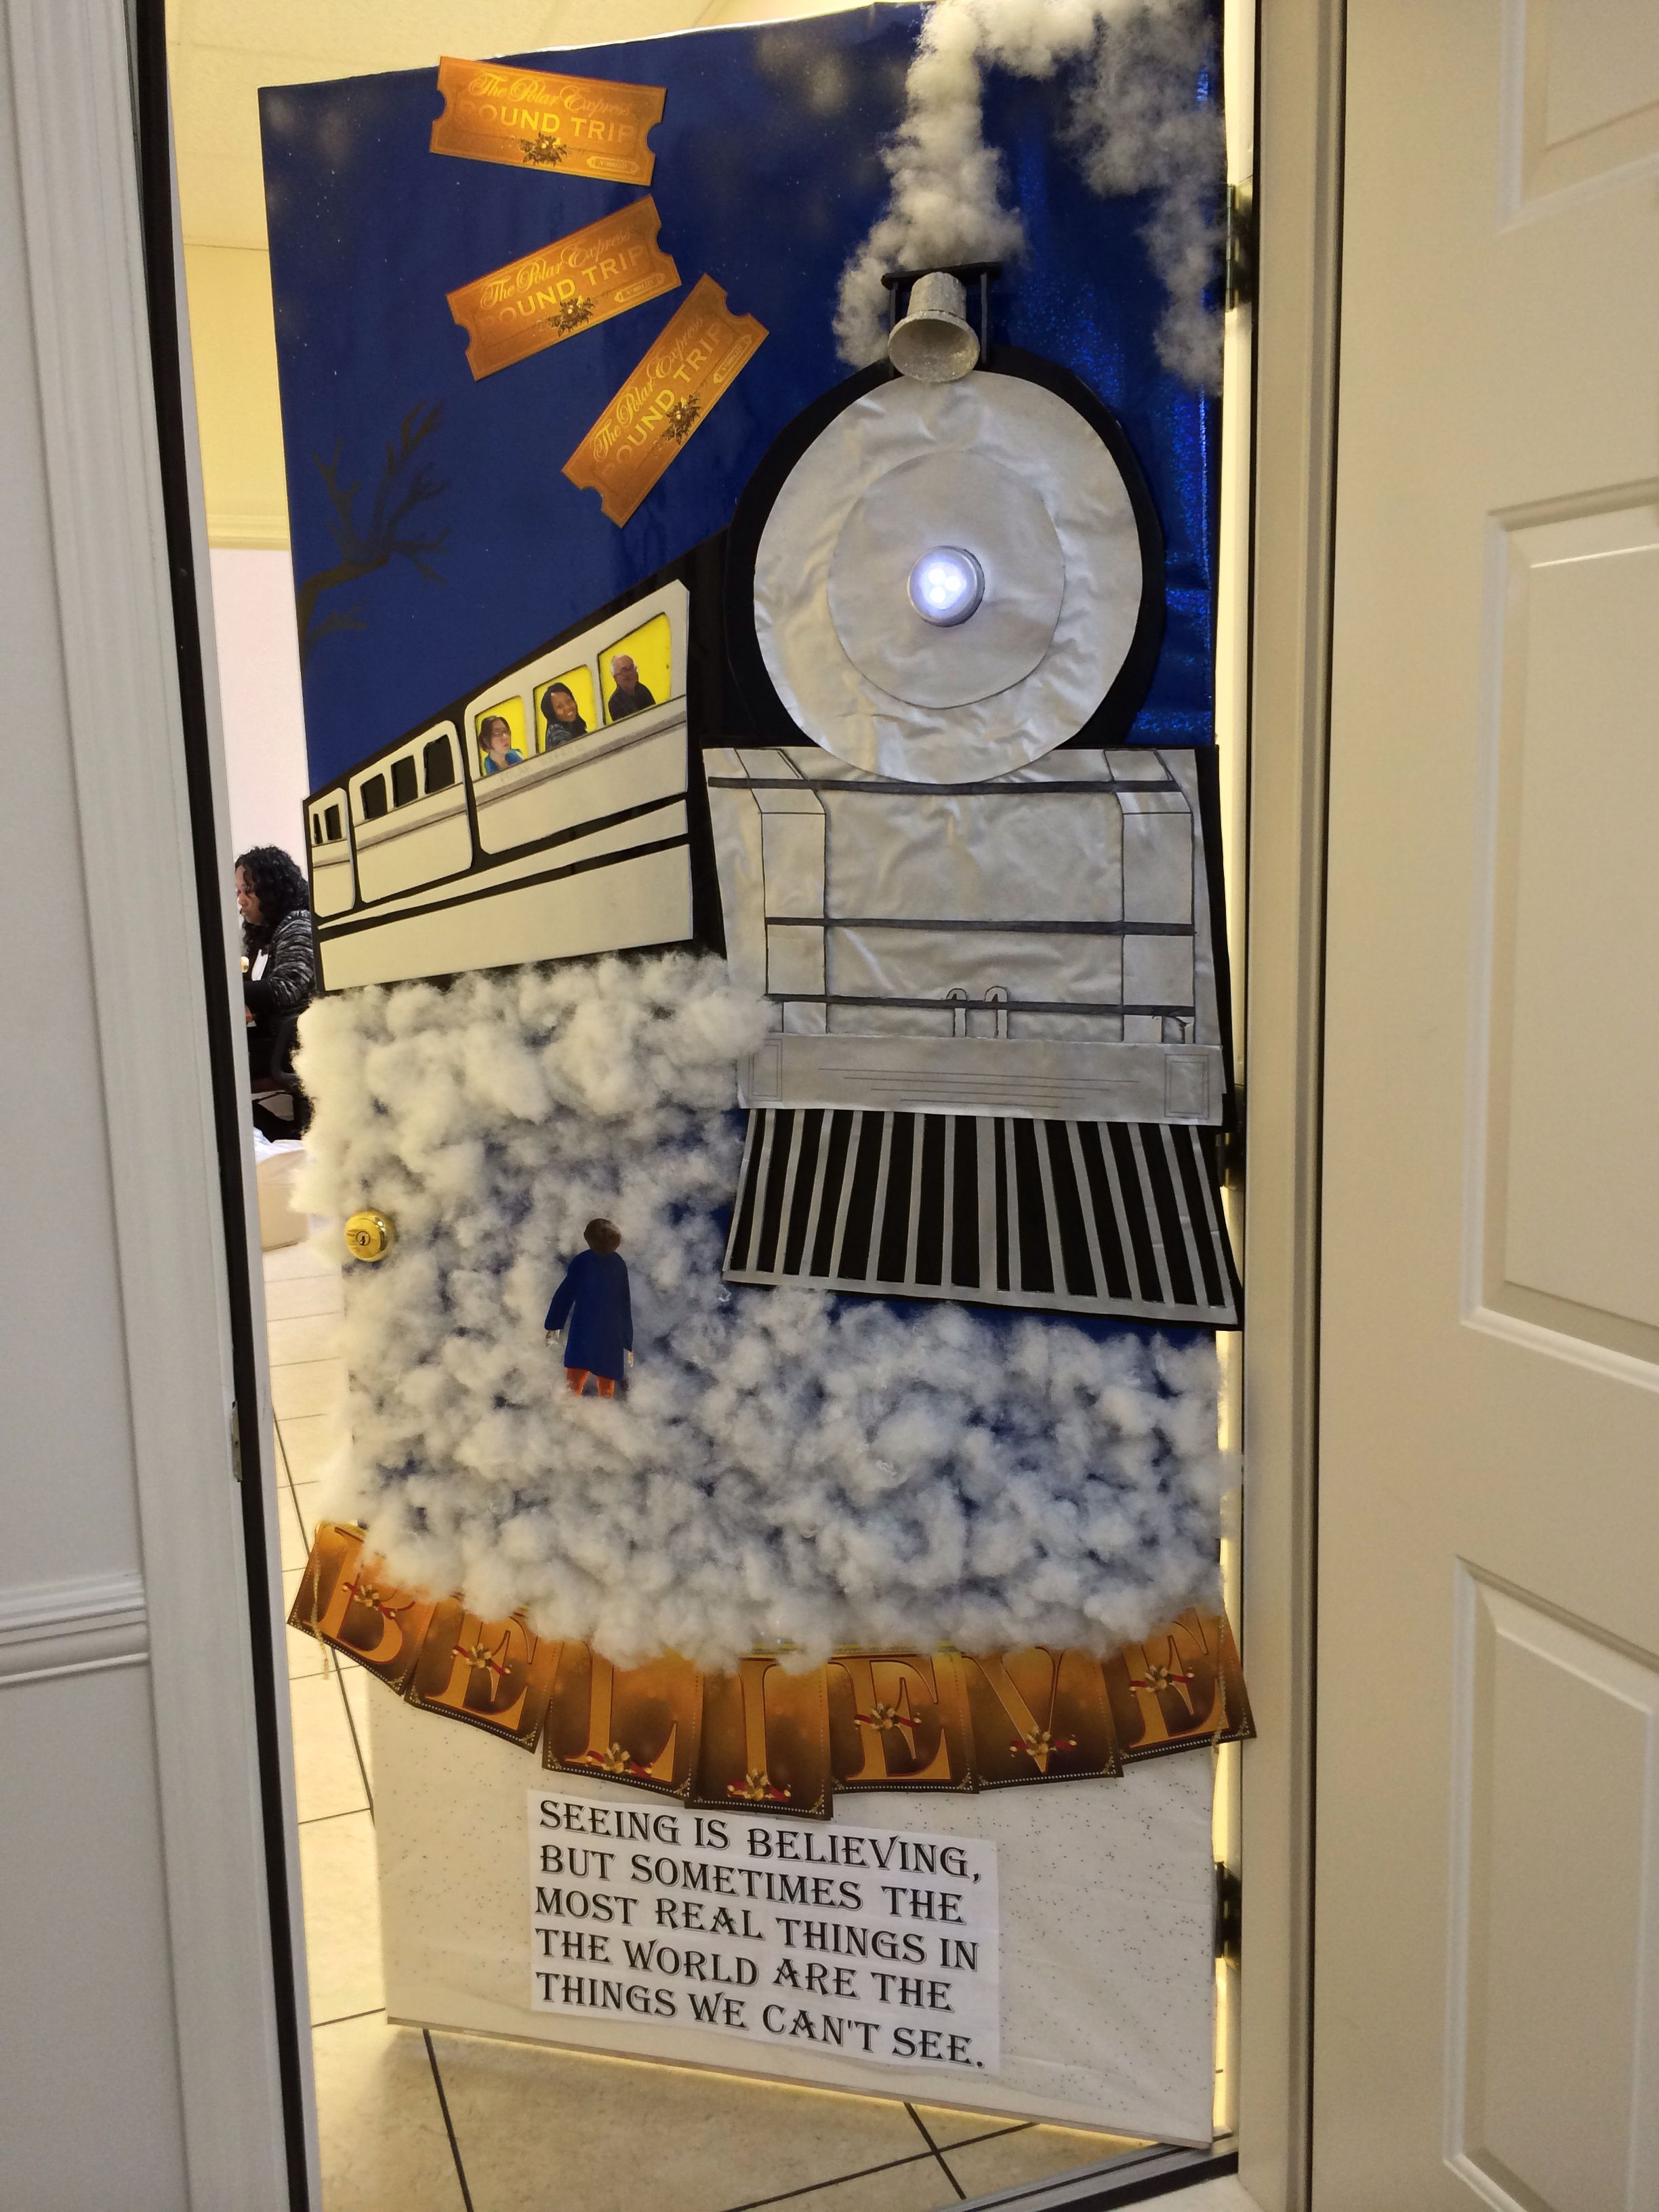 Polar Express Door Decoration at work